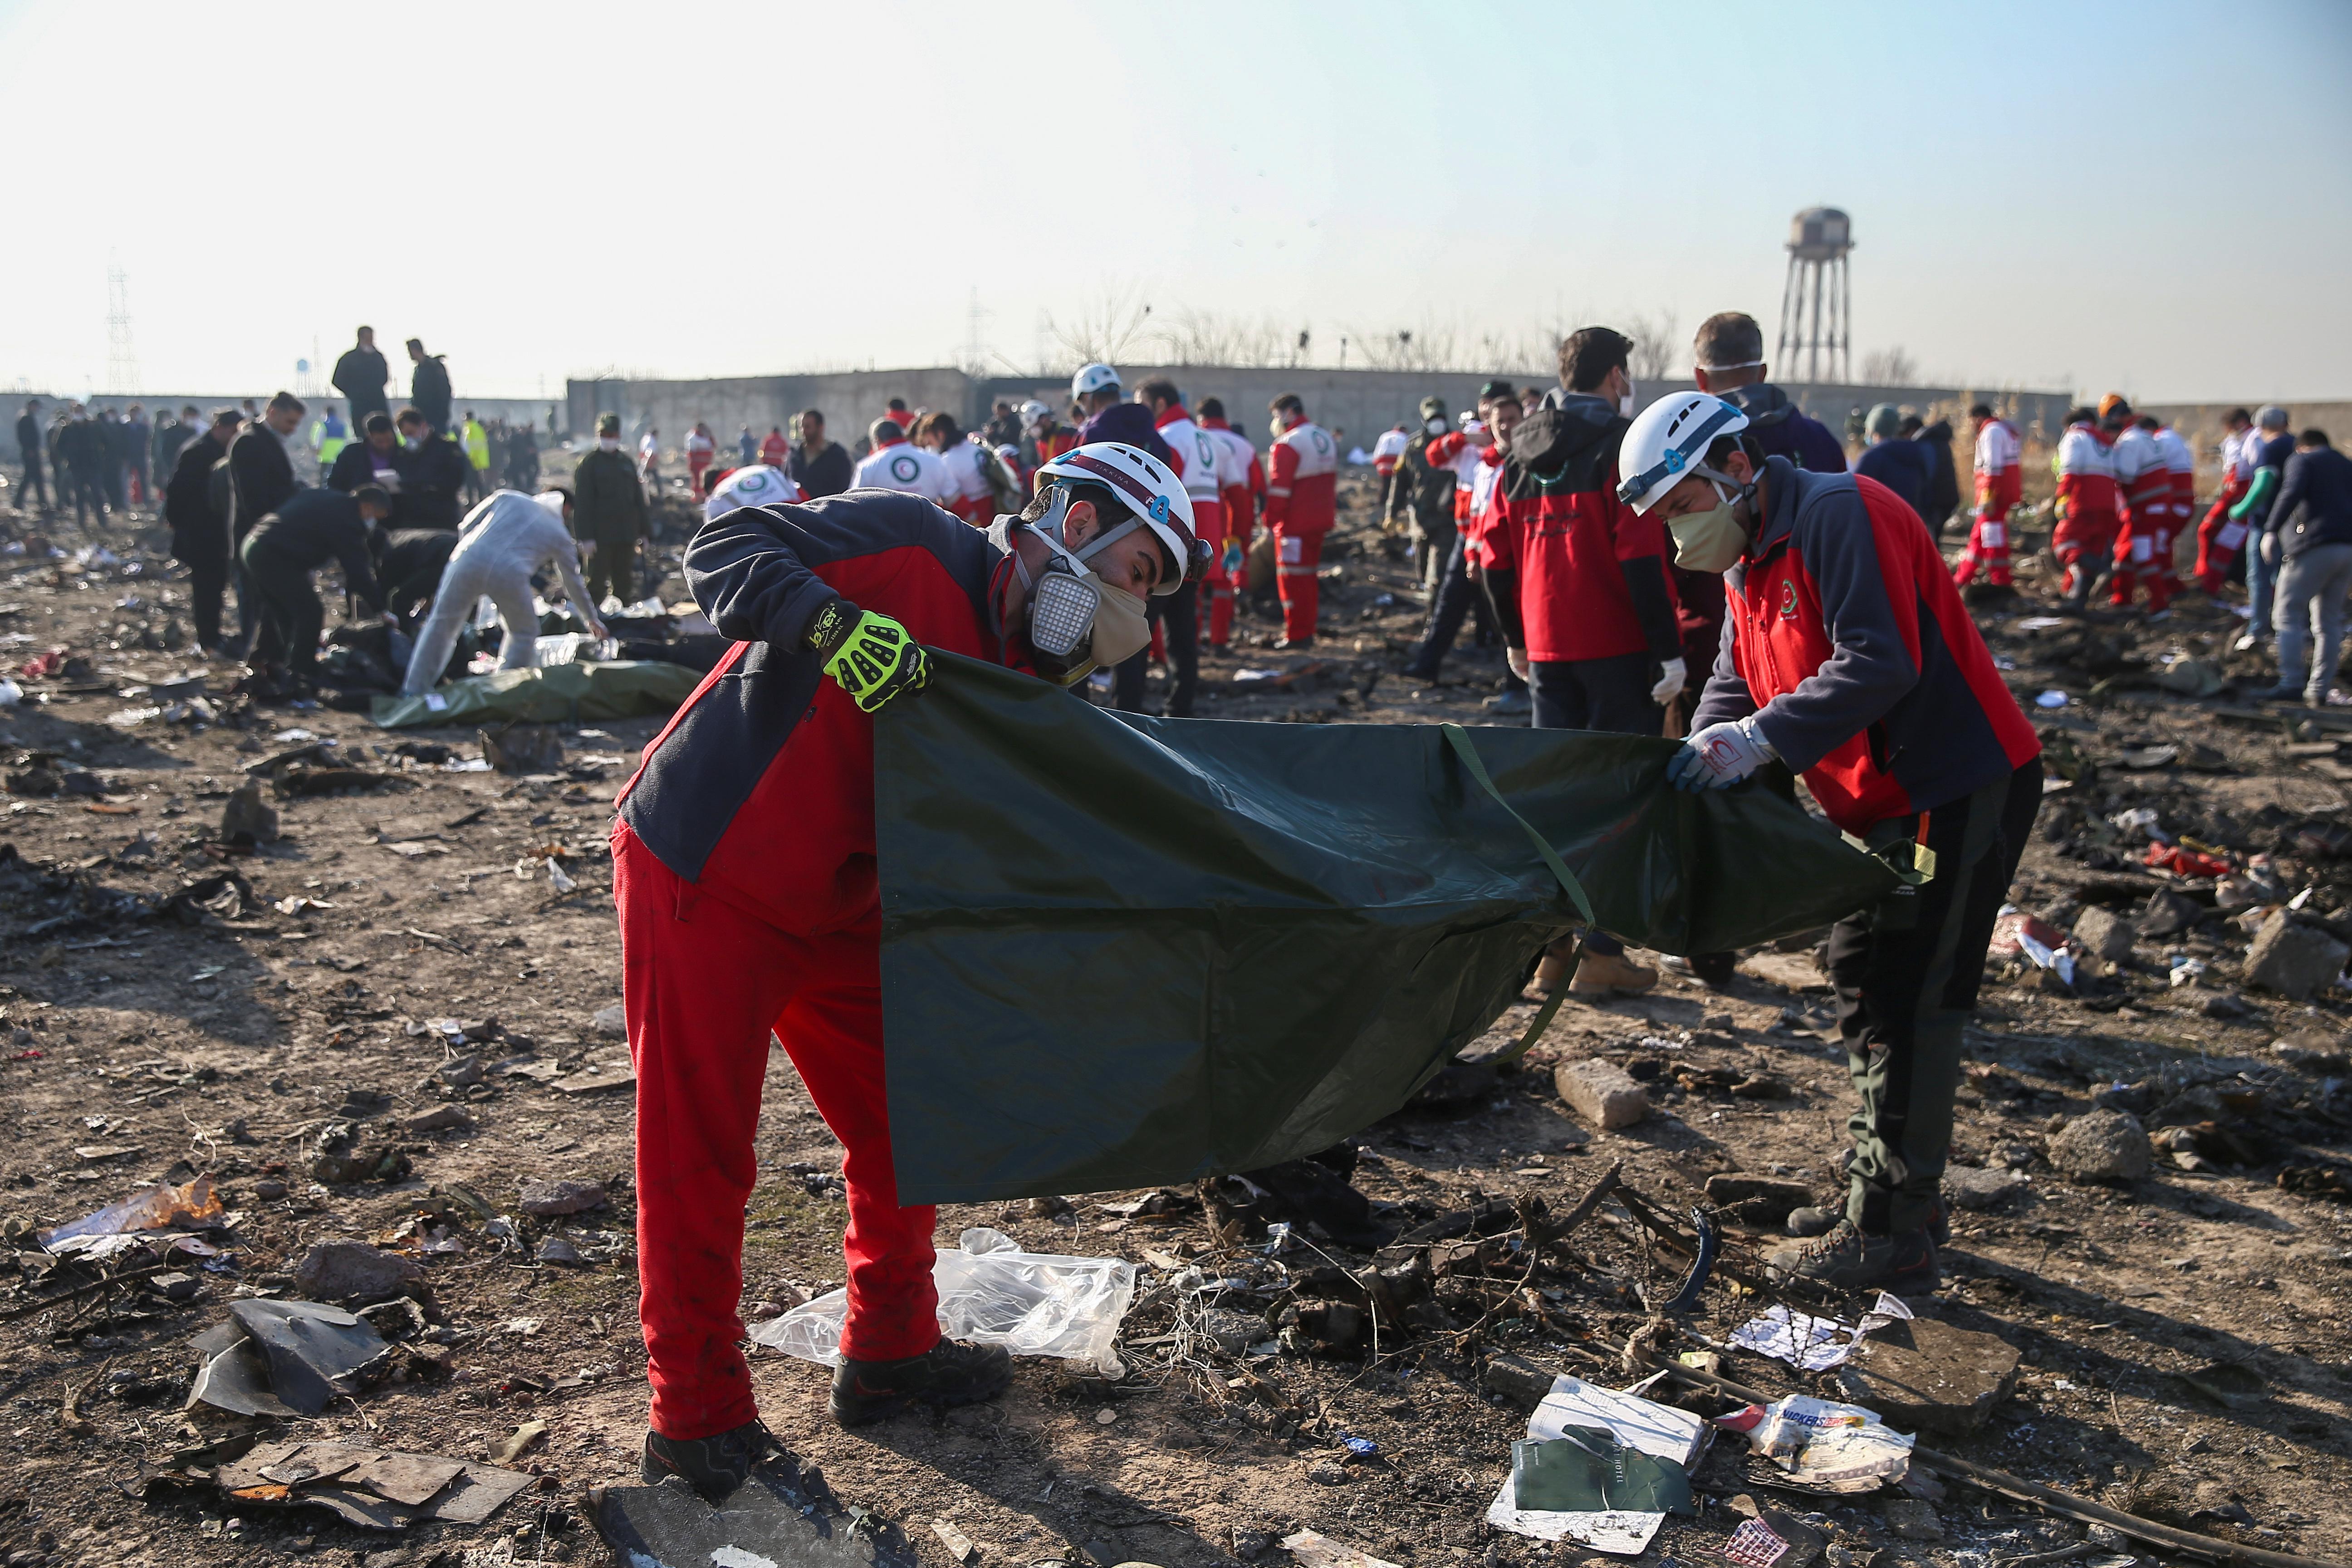 Dos socorristas preparan bolsas para colocar los cuerpos de las personas fallecidas (REUTERS)